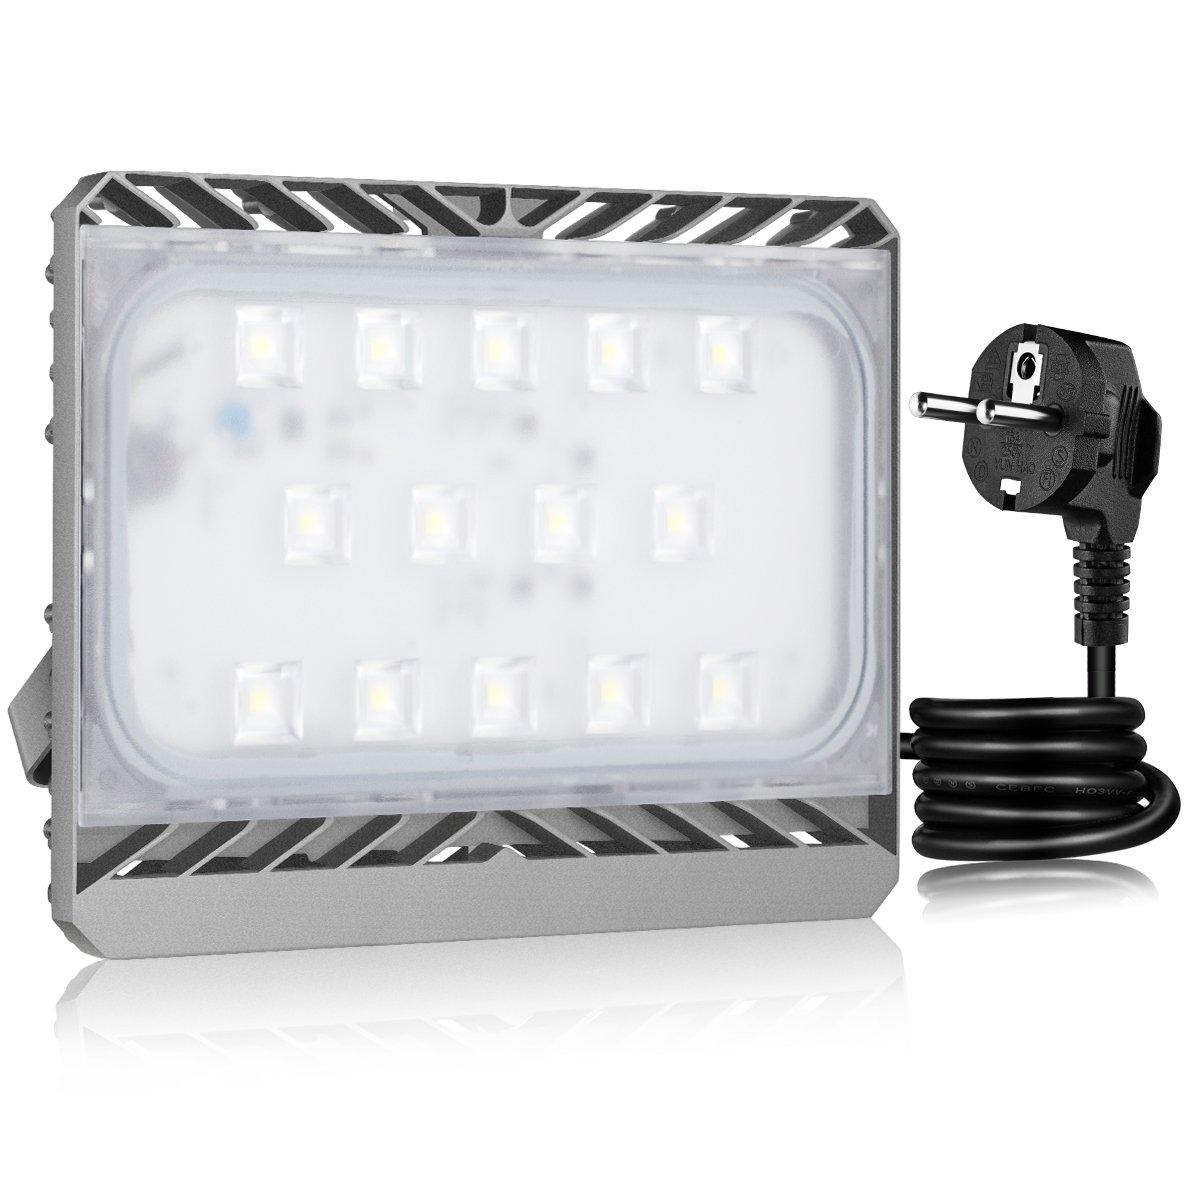 GOSUN® Super Hell 150W LED Fluter Außenstrahler 13500Lumen 230V IP65 CREE SMD5050 Kaltweiß, 36 Monate Garantie [Energieklasse A+] STASUN